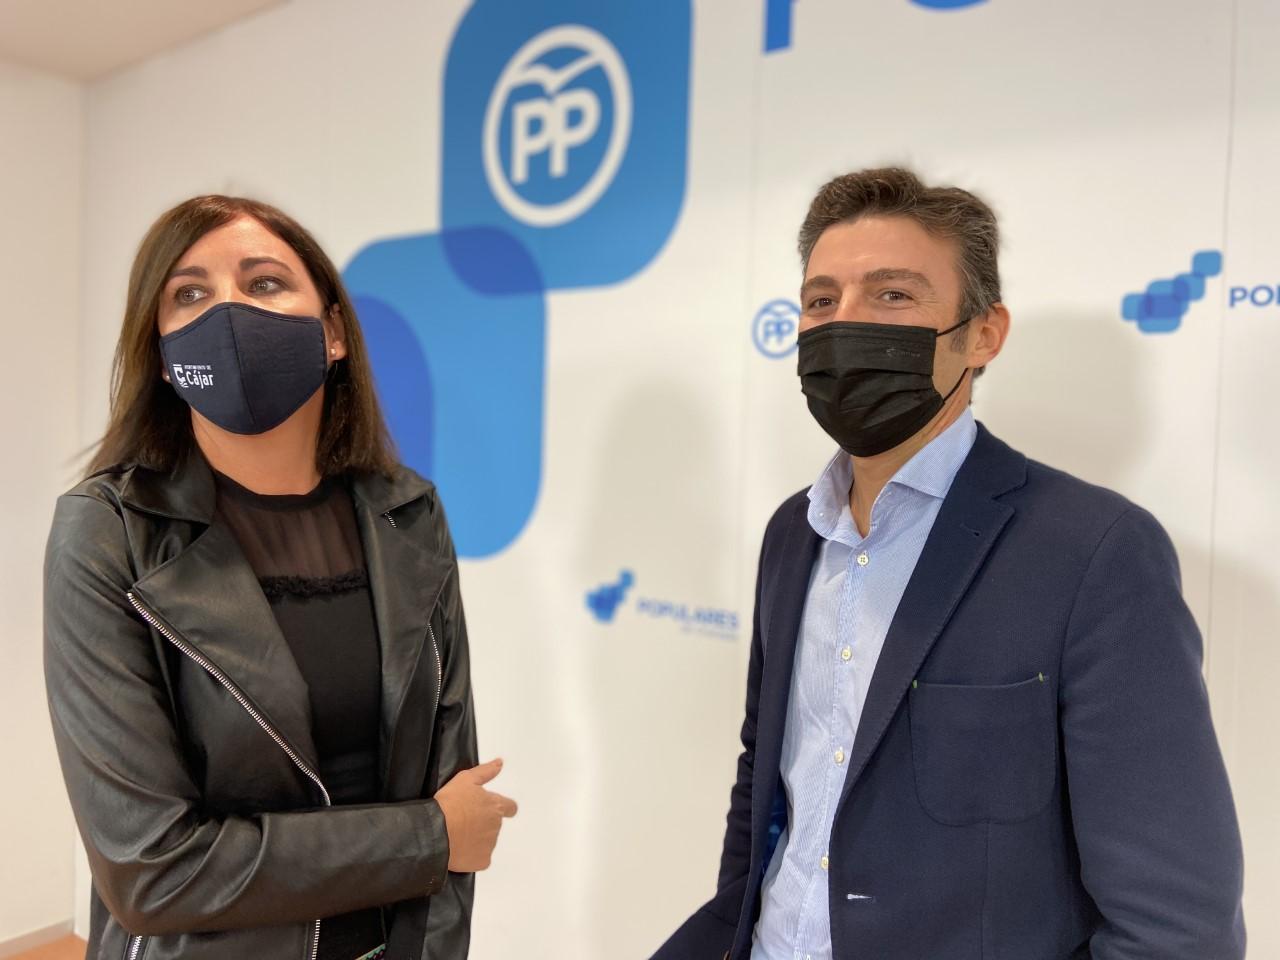 El PP reclama al PSOE que se sume a la iniciativa para exigir la rebaja del IVA de las mascarillas